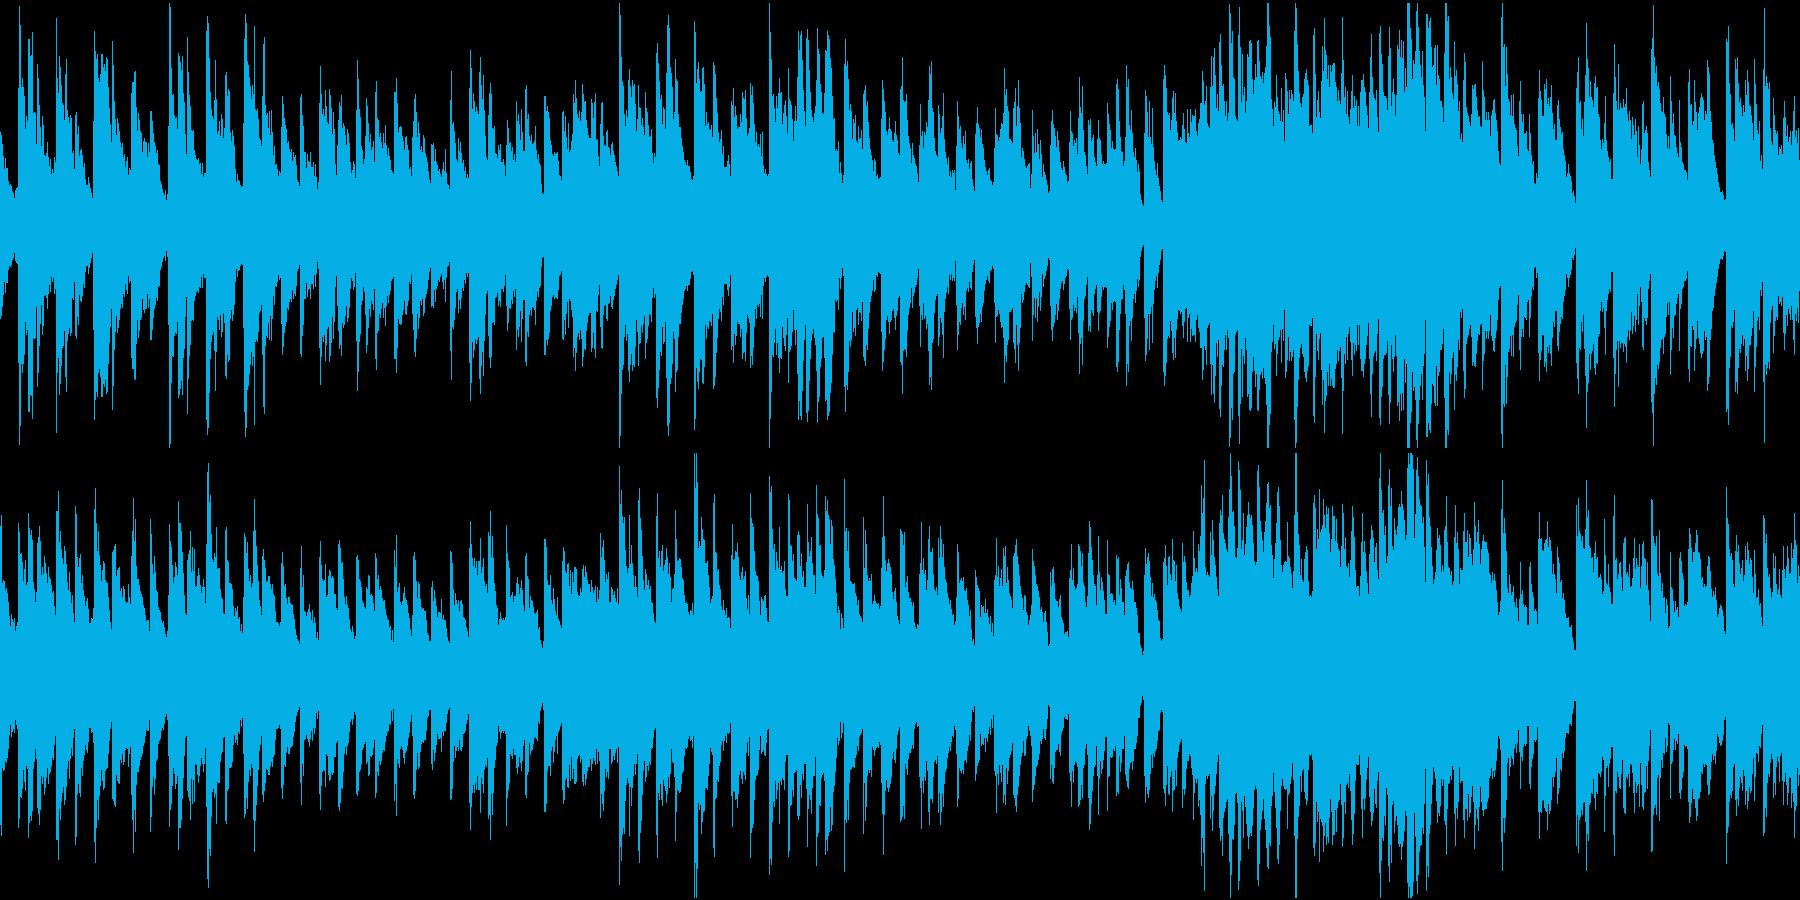 おどけた楽しい感じのピアノソロのテーマ曲の再生済みの波形